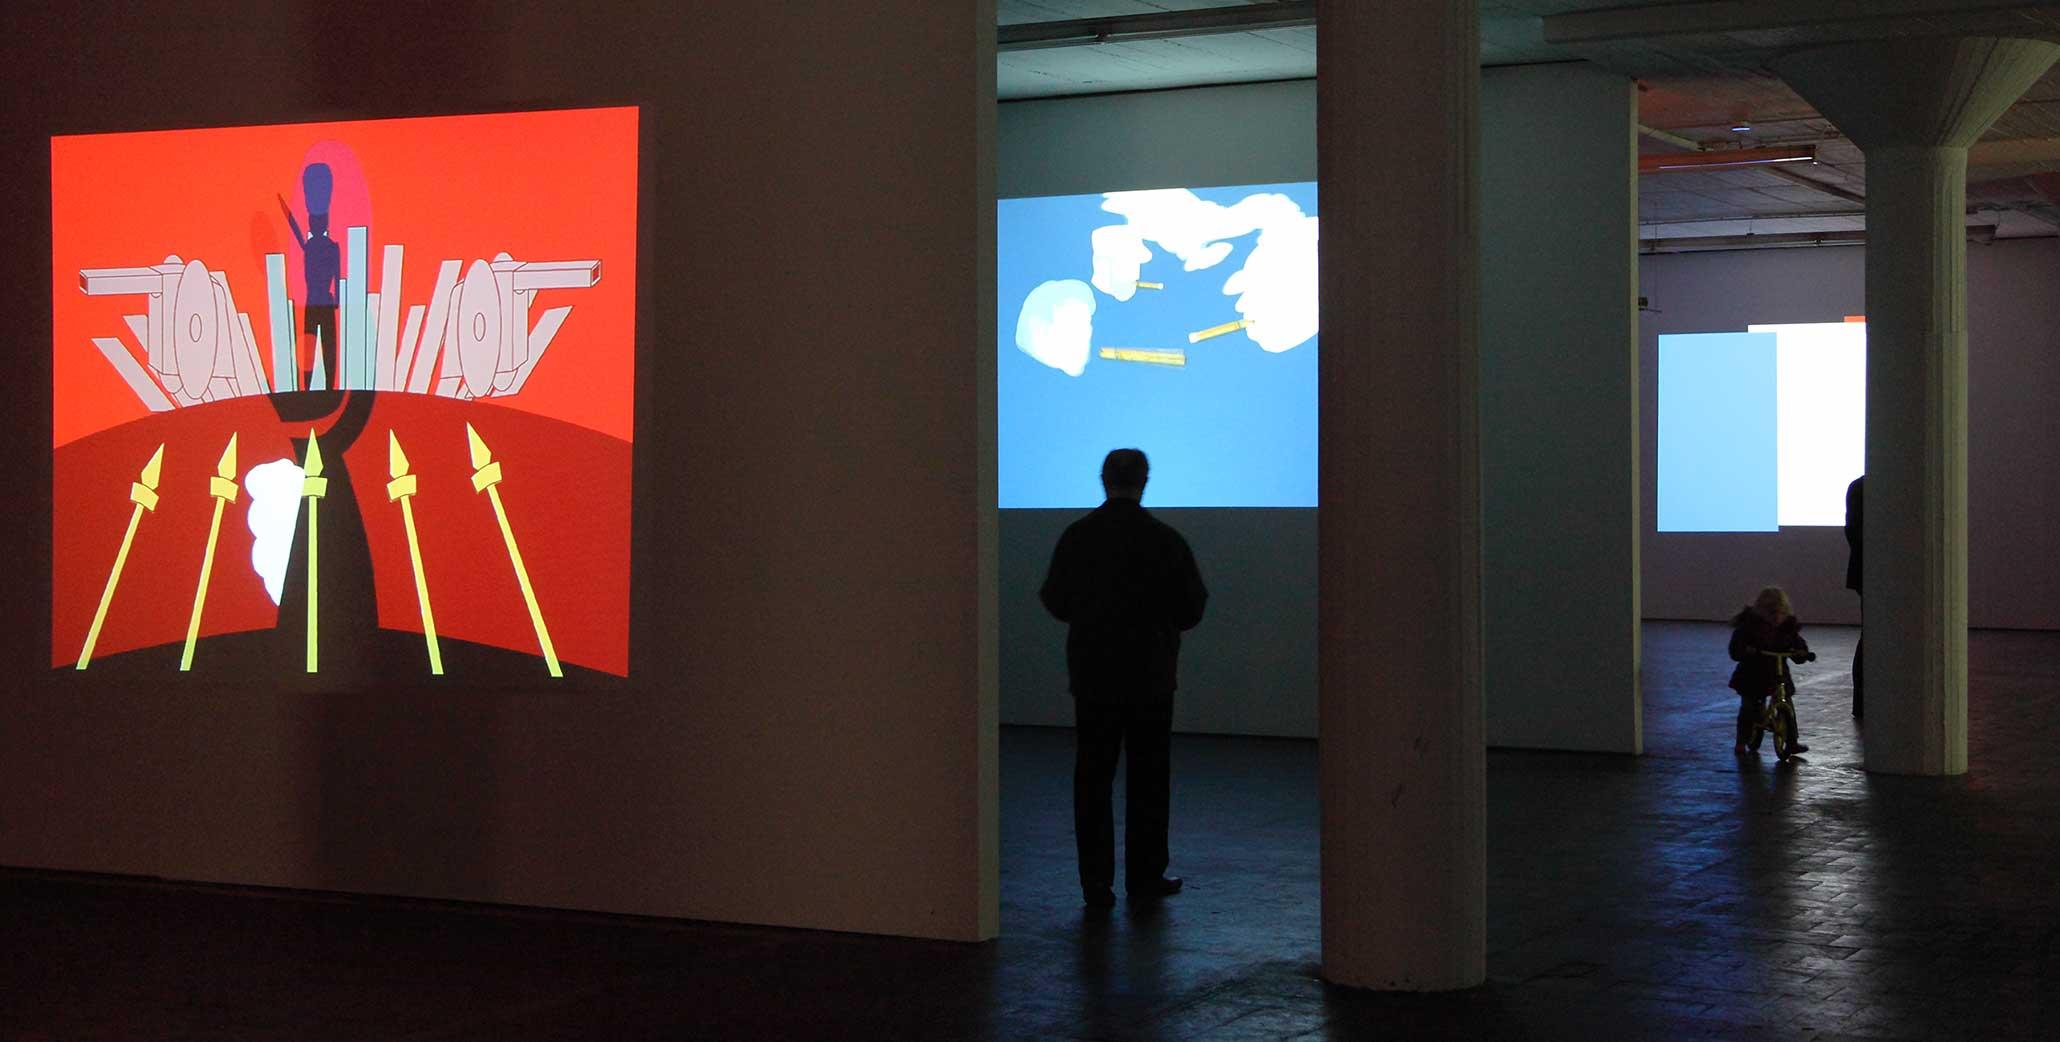 Flag Metamorphoses - Ausstellung des partizipativen Projektes von Myriam Thyes, 10 Projektionen, Halle Zehn, Köln, 2010